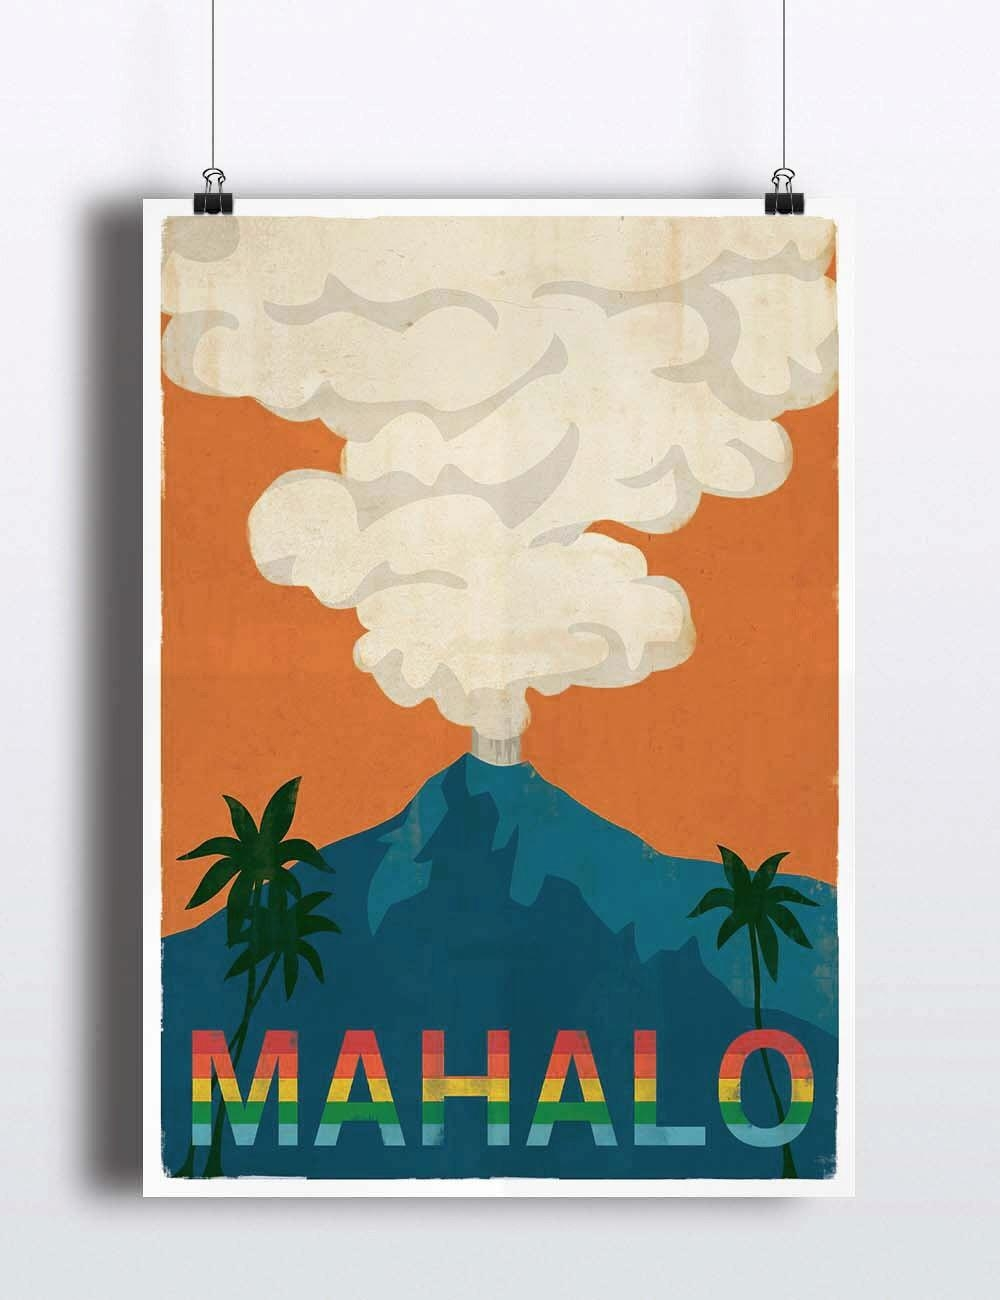 Superb Wooden Hawaiian Islands Wall Art Vintage Hawaii Poster Regarding Hawaiian Islands Wall Art (Image 16 of 20)